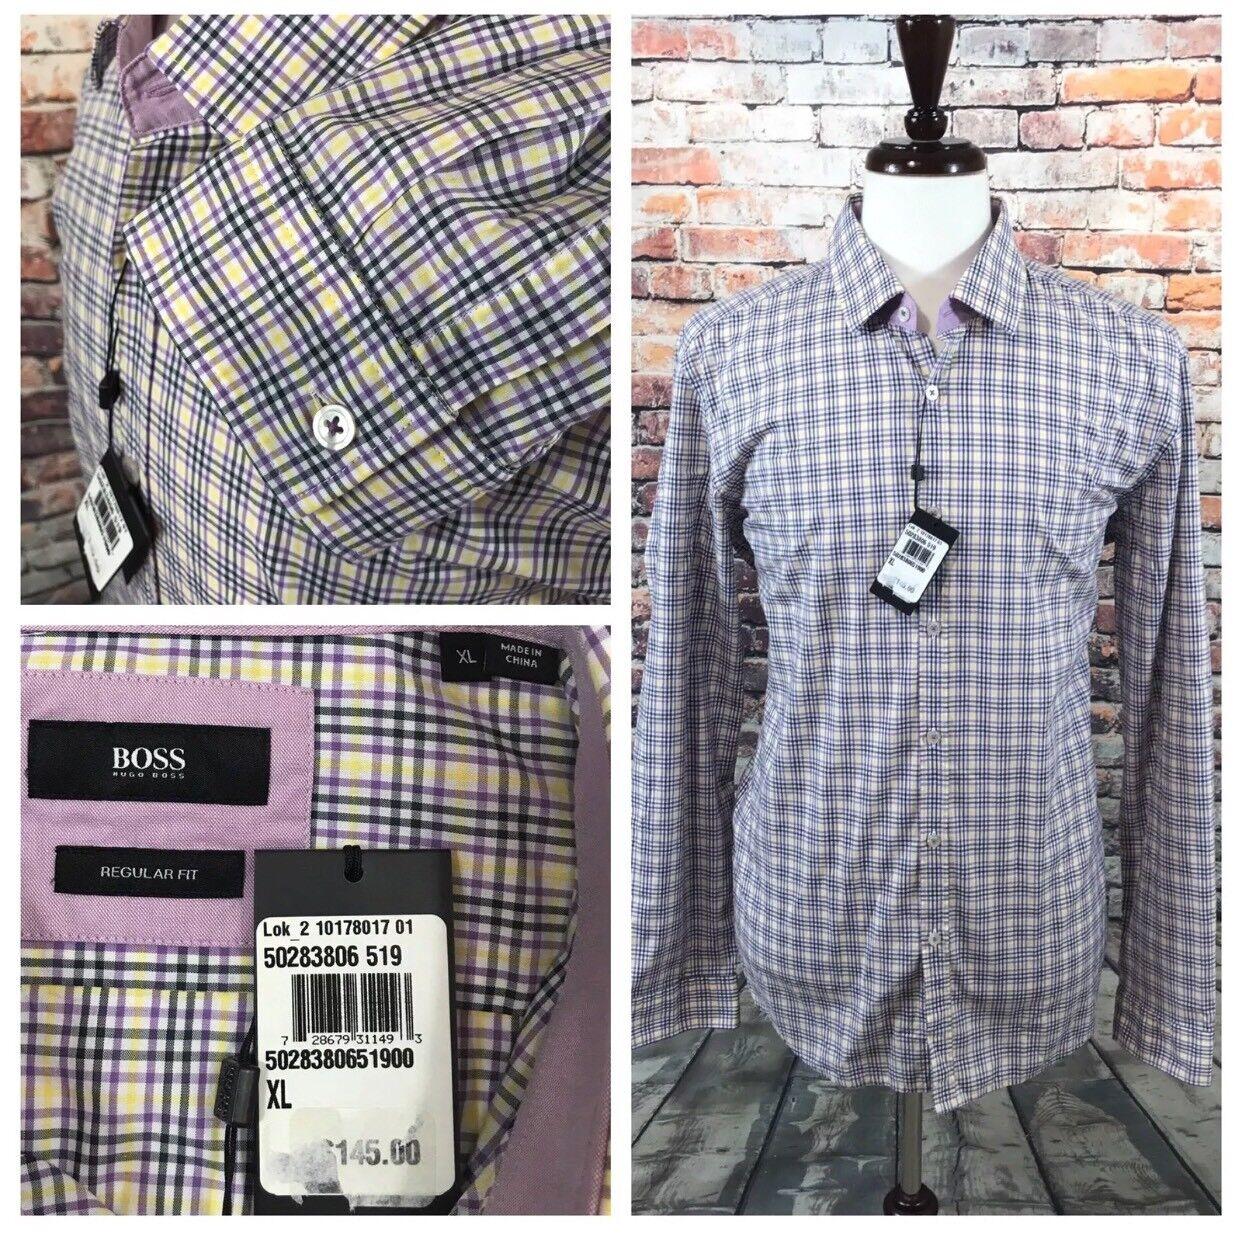 Hugo Boss Plaid Flip Cuff Long Sleeve lila Gelb Regular Fit XL  Herren Shirt